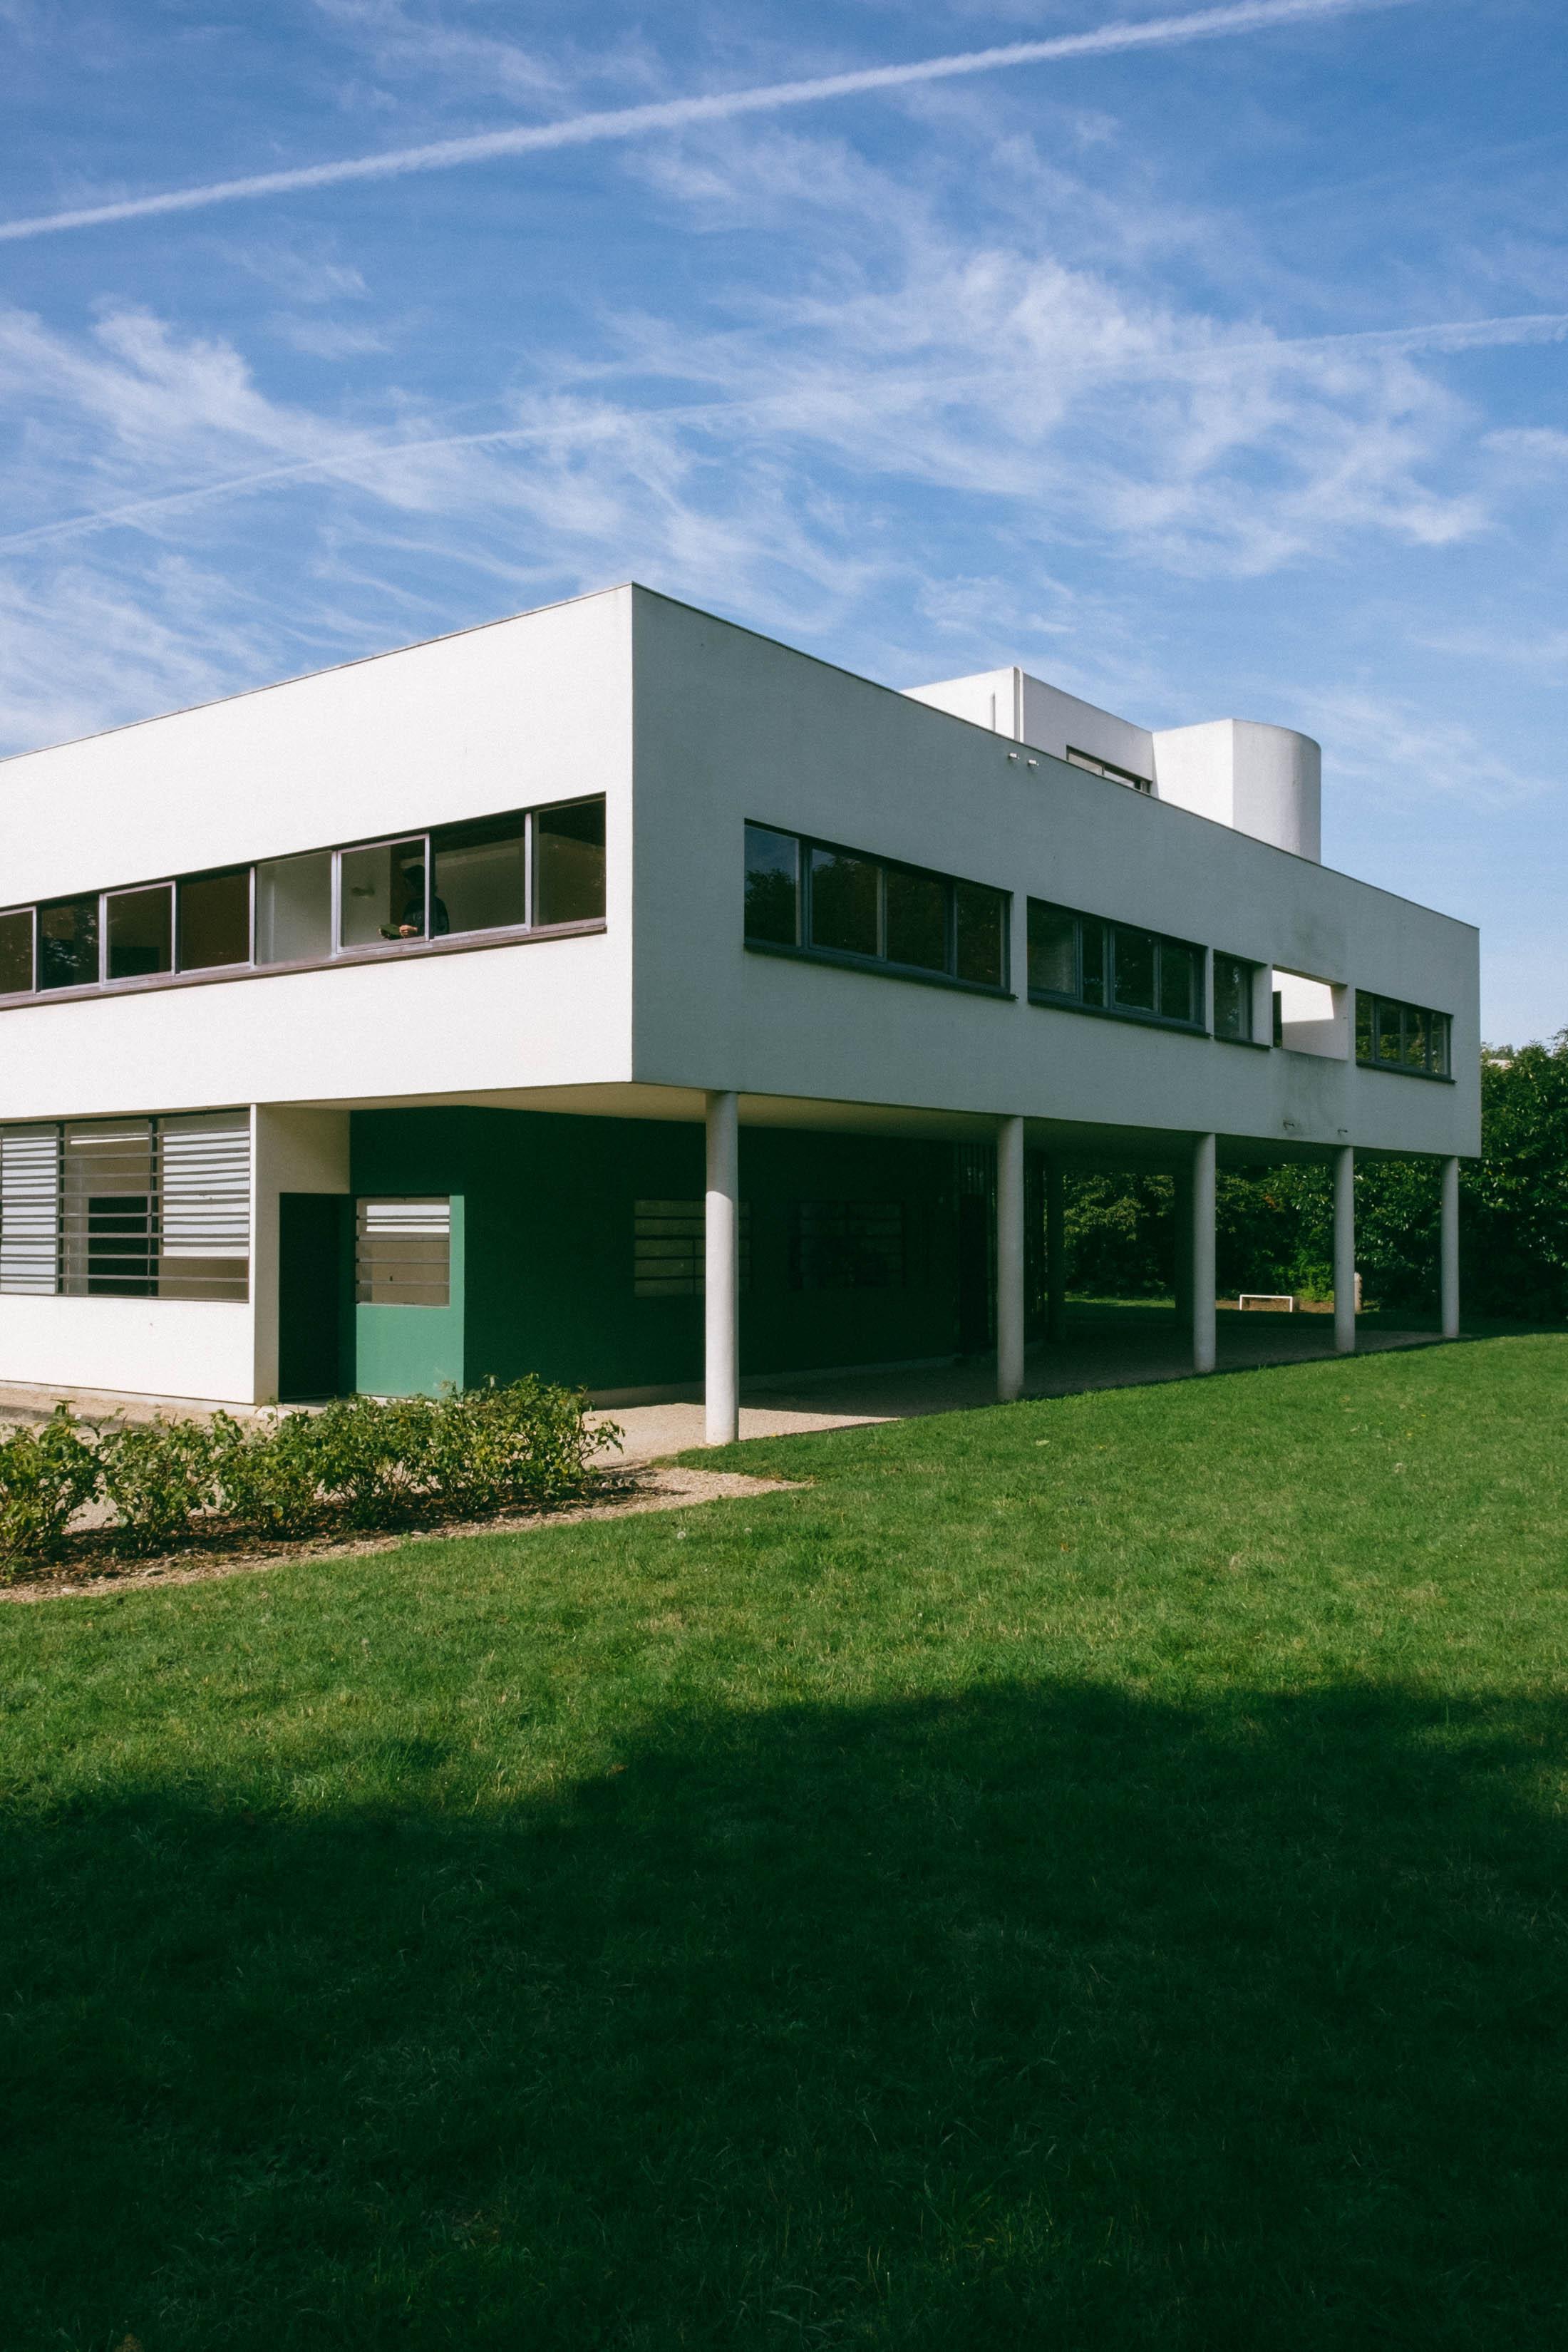 La Villa Savoye Le Corbusier : villa, savoye, corbusier, Corbusier's, Villa, Savoye, Constellation